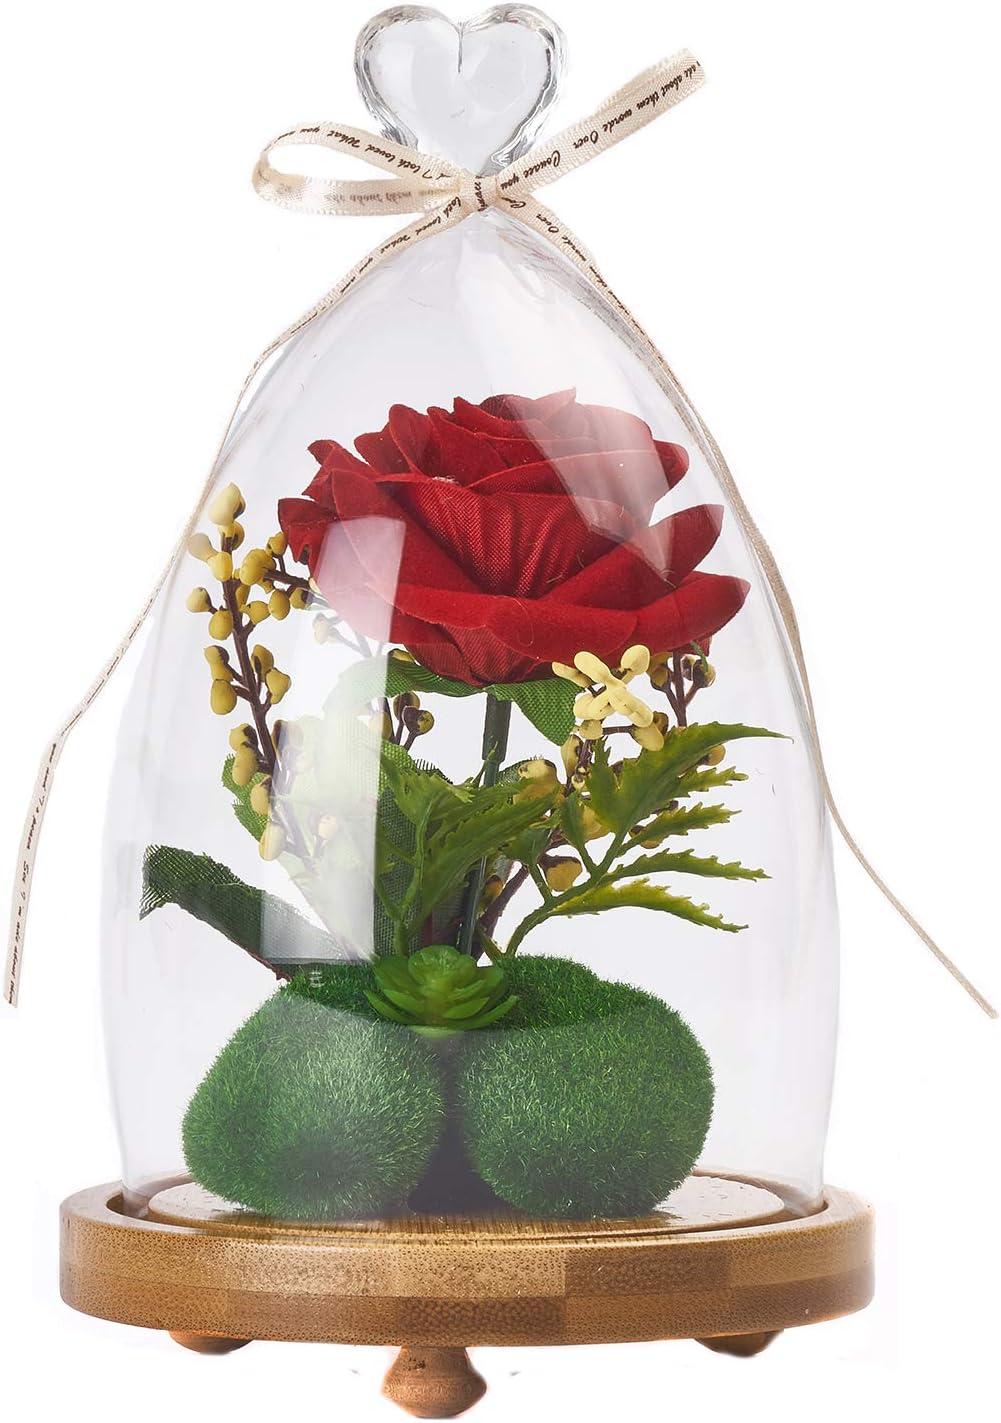 INTIGNIS Rosa roja de Seda Artificial en cúpula de Cristal, Regalos para Mujeres, Ella, niñas, Hermana, día de la Madre, día de San Valentín, Aniversario, cumpleaños, Boda